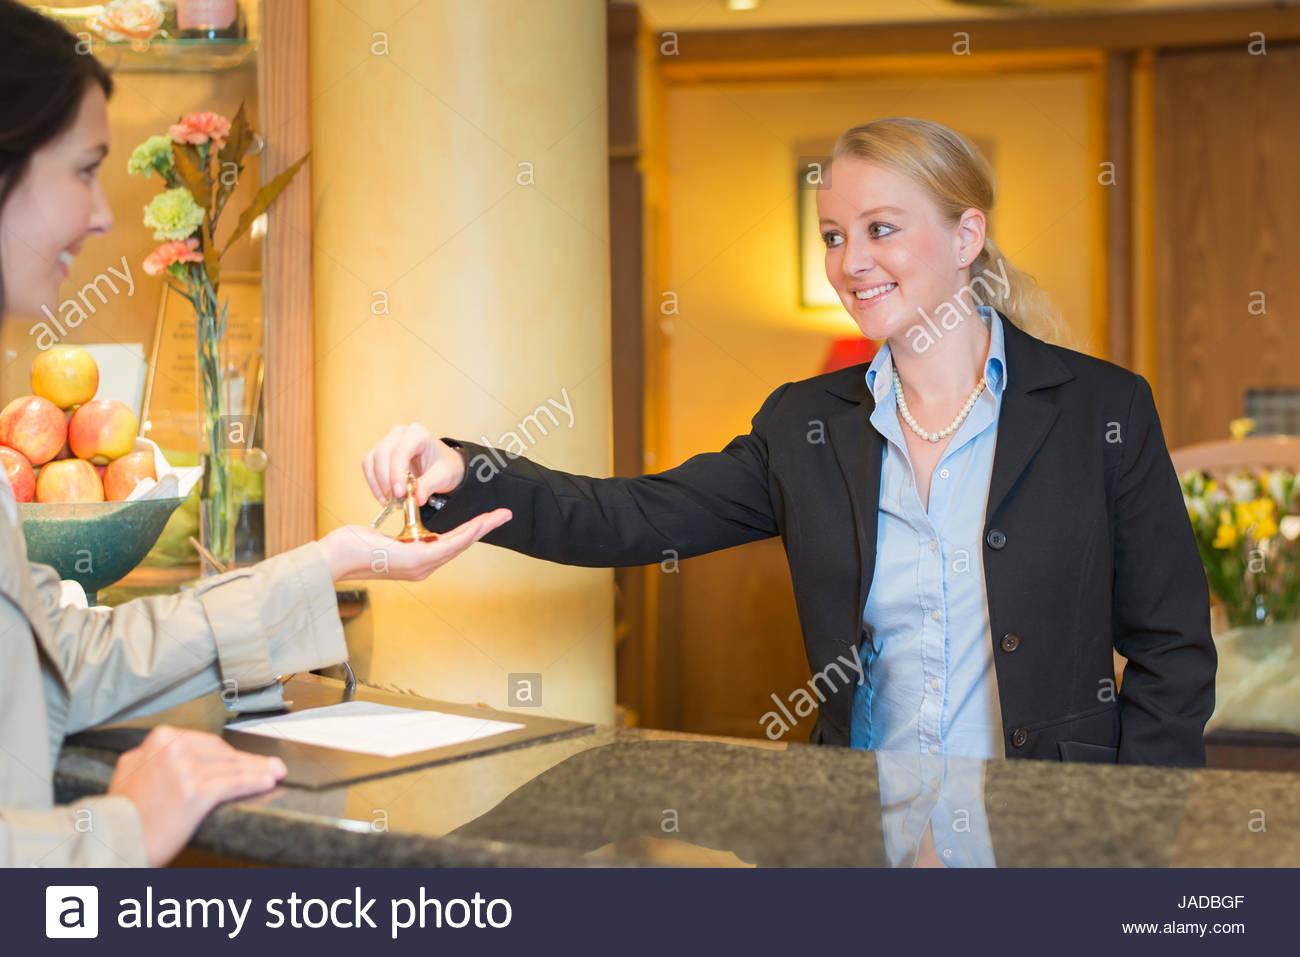 Cet hôtel réceptionniste souriant debout derrière le bureau de